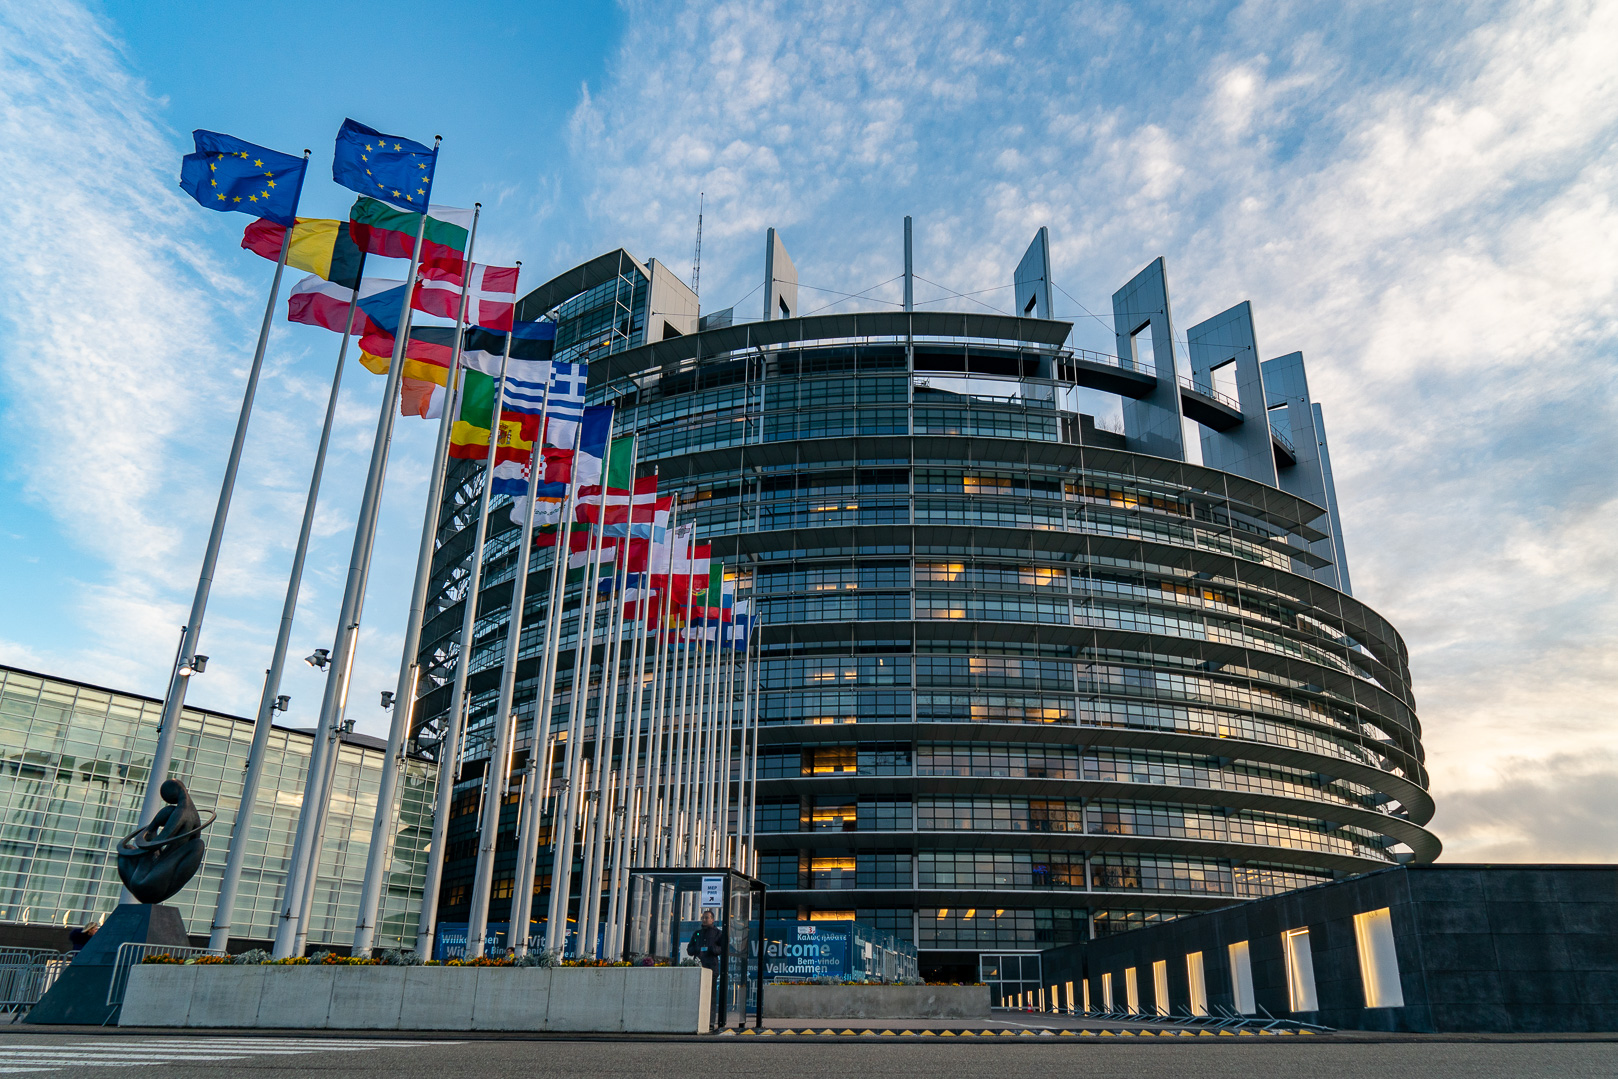 European Parliament - europarl.europa.eu